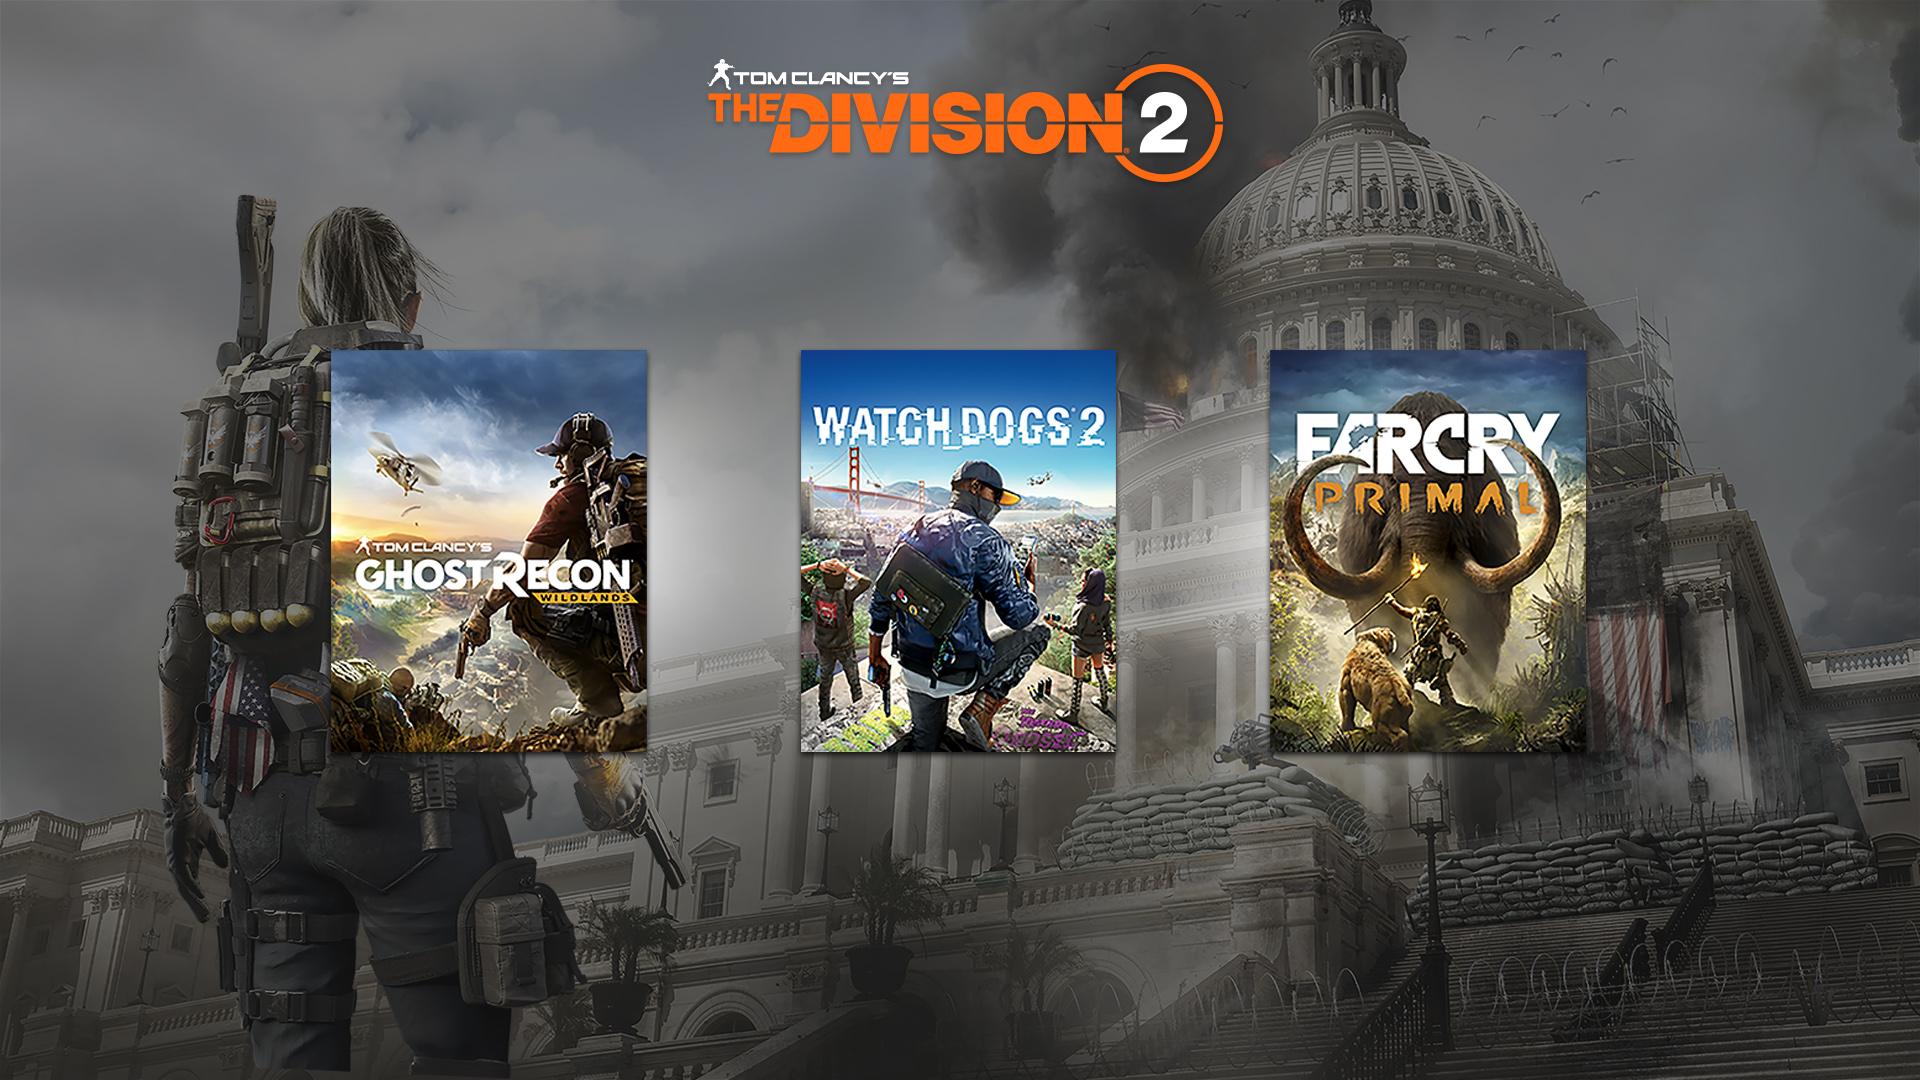 ¡Compra The Division 2 de forma anticipada y consigue un juego GRATIS!